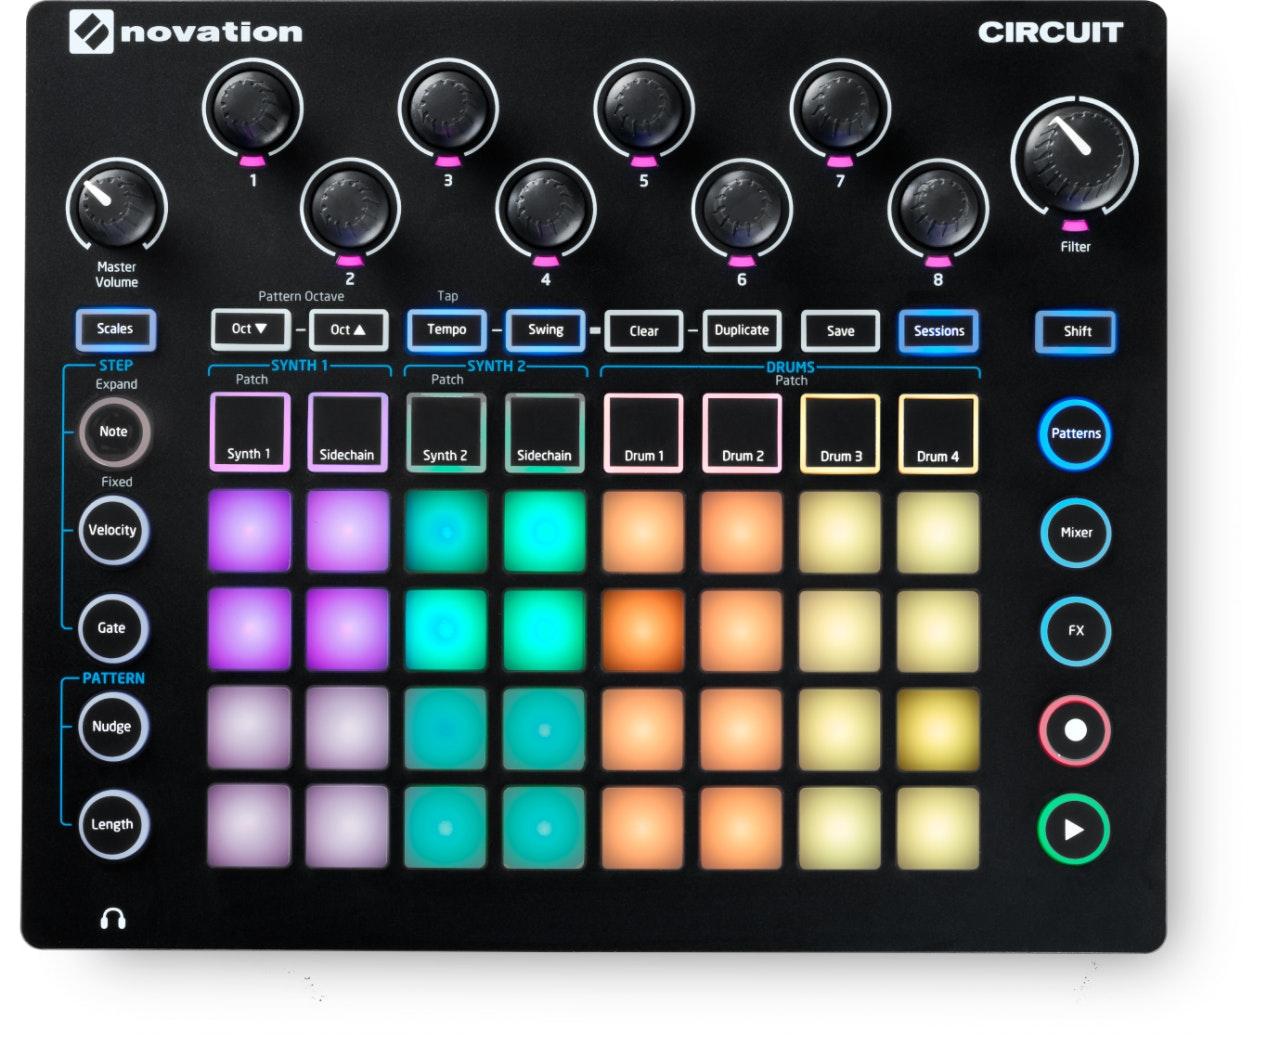 Circuit | NovationMusic.com